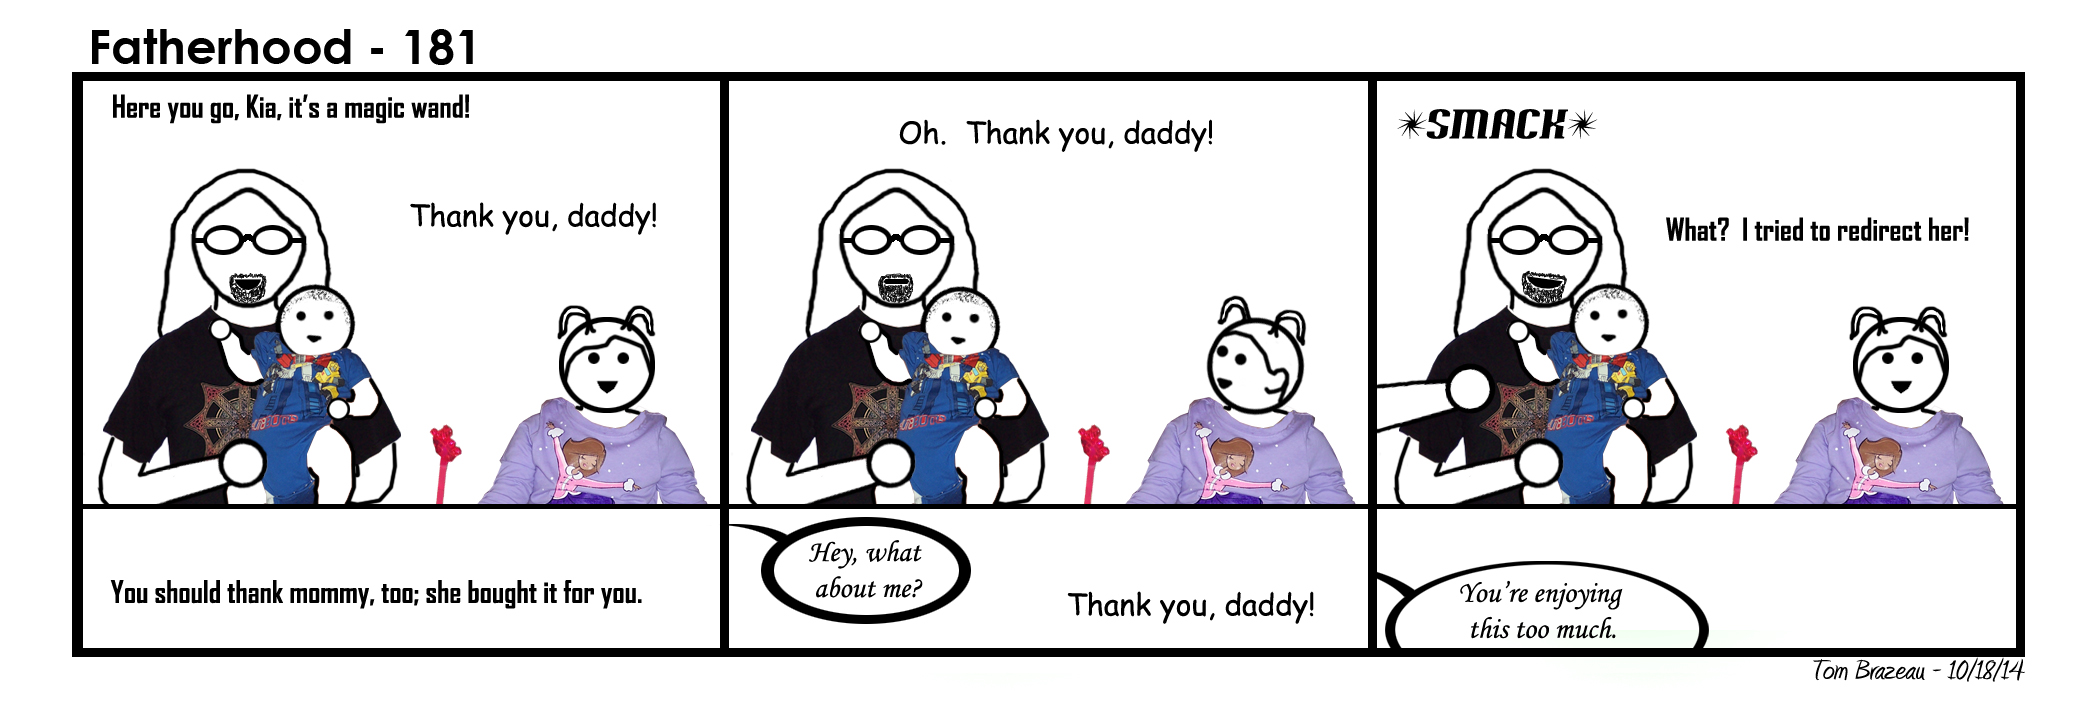 Fatherhood 181